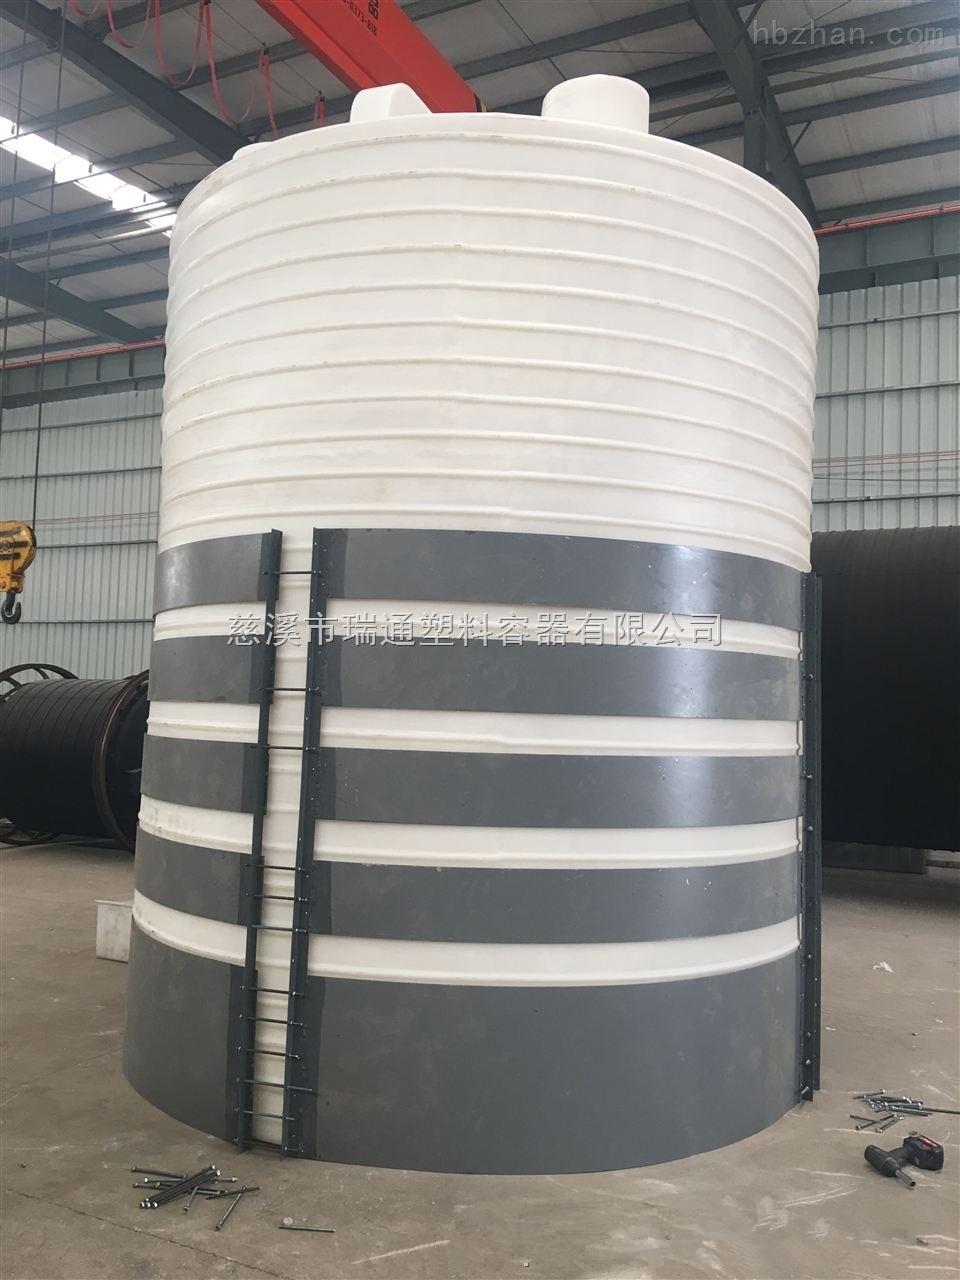 抗老化40吨聚乙烯水箱价格 耐腐蚀40立方塑料水箱厂家供应